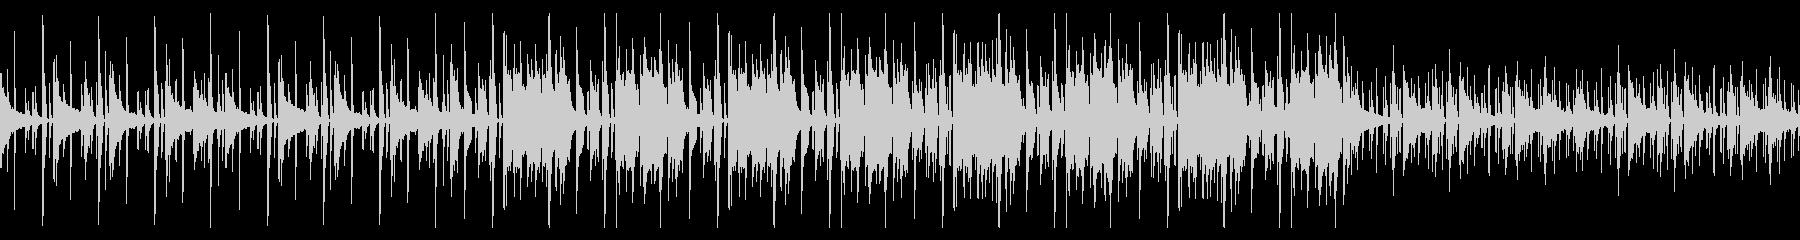 シンプルで渋いBGM ループ仕様の未再生の波形